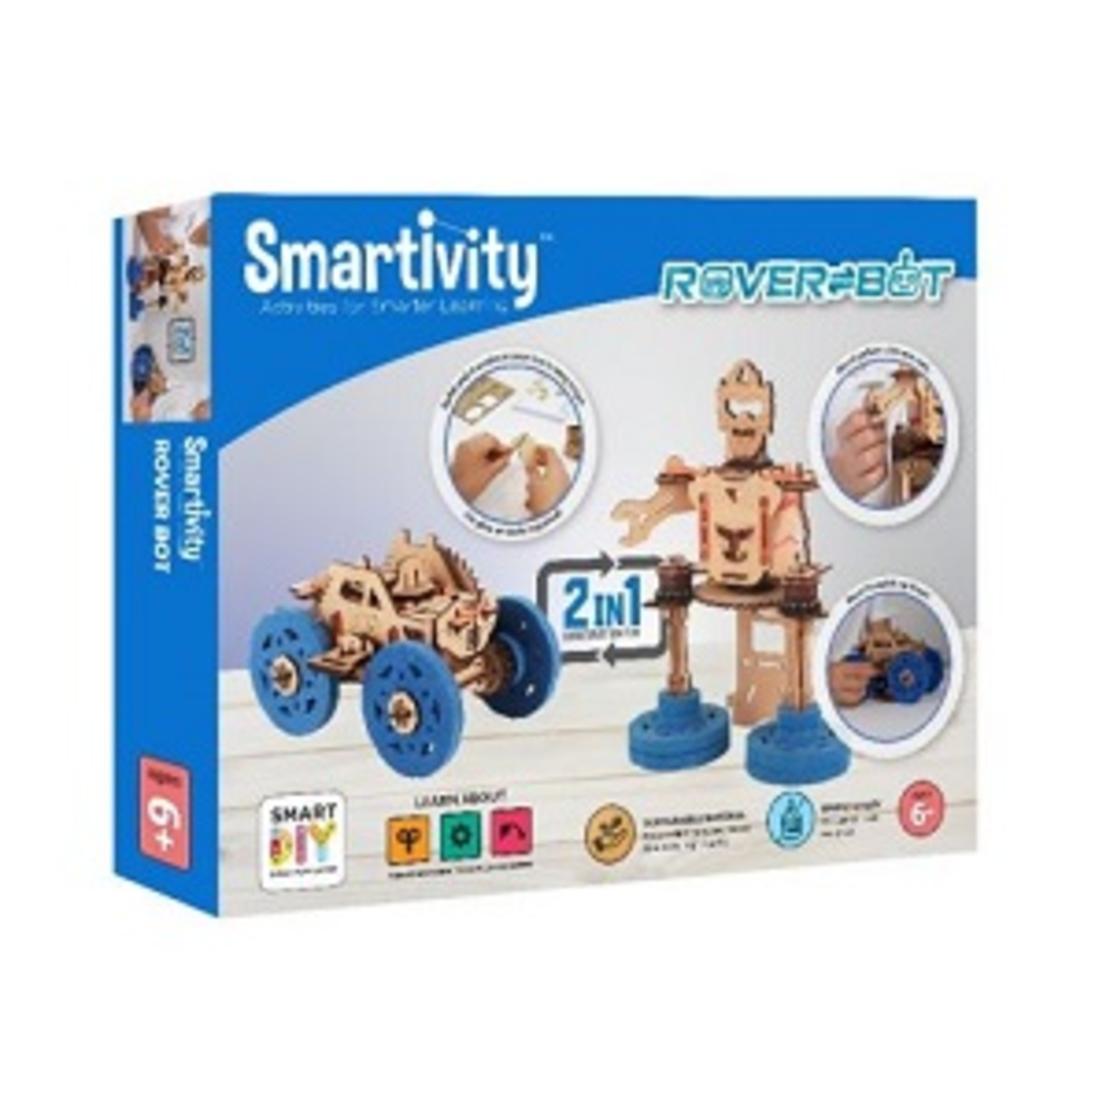 SMRT1112 Smartivity  - רובר בוט 2 רובוטים בערכה אחת